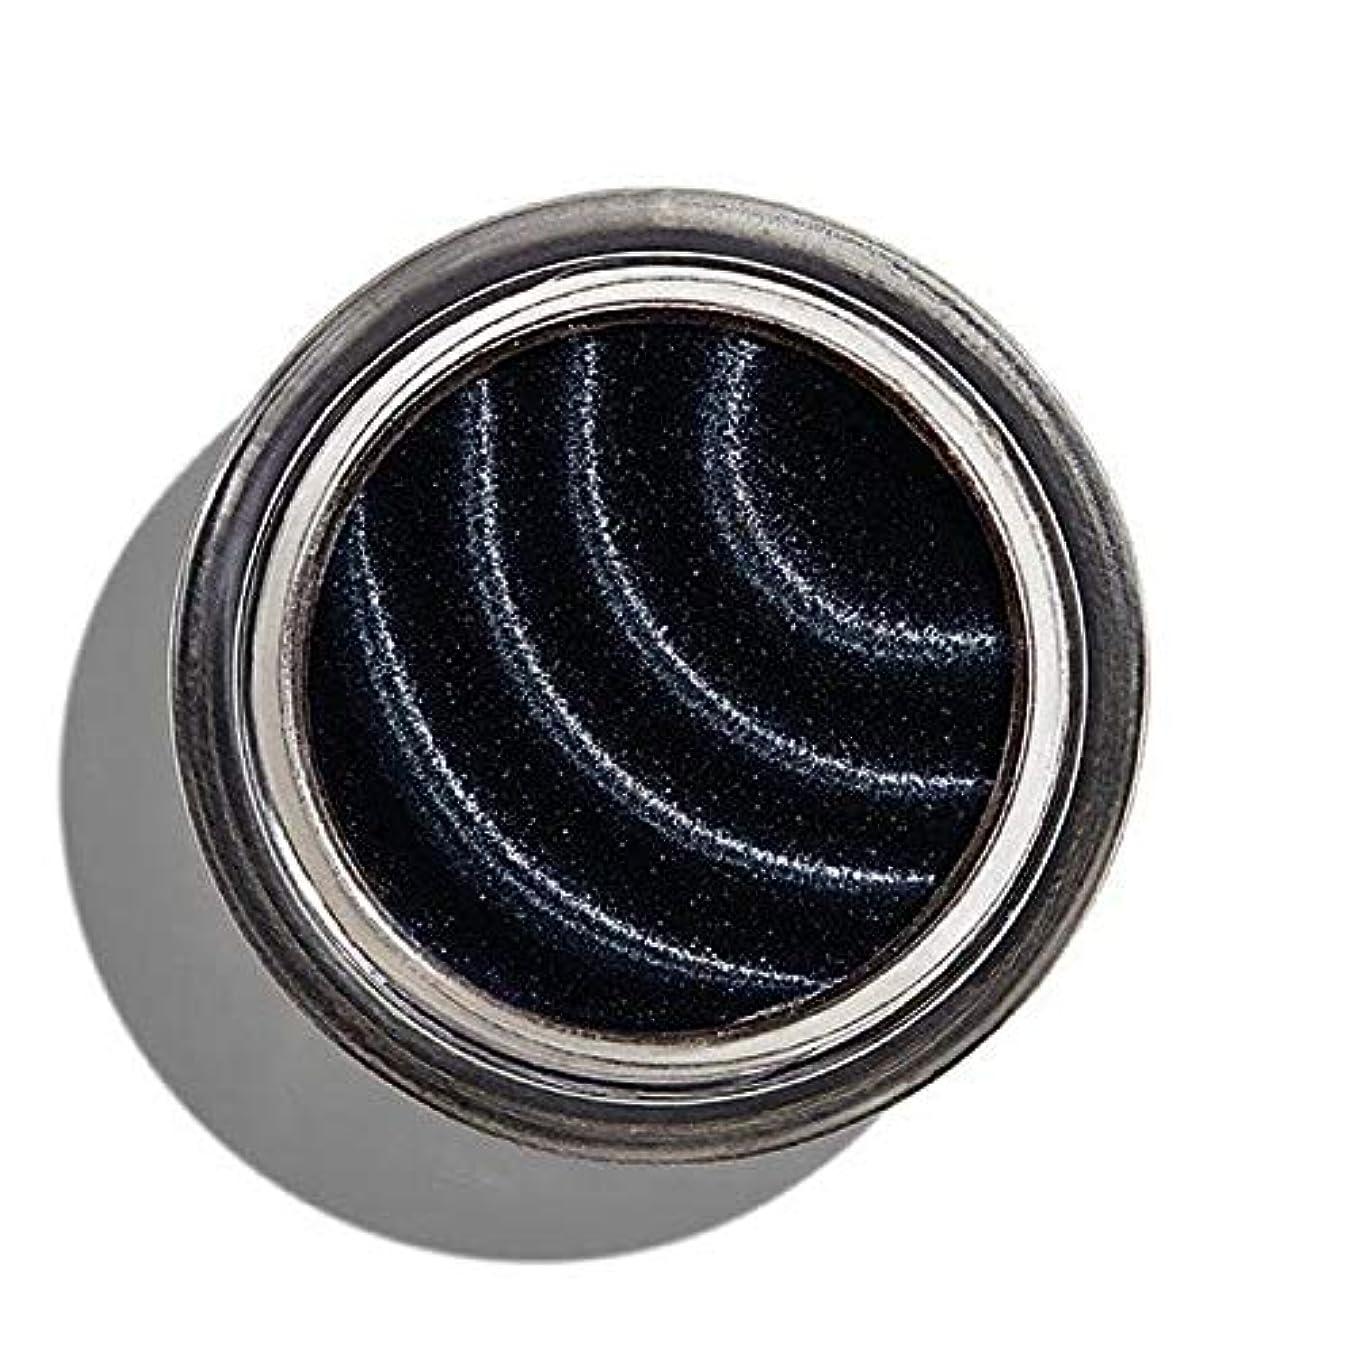 海洋のおじいちゃんマーチャンダイジング[Revolution ] 化粧革命磁化のアイシャドウブラック - Makeup Revolution Magnetize Eyeshadow Black [並行輸入品]